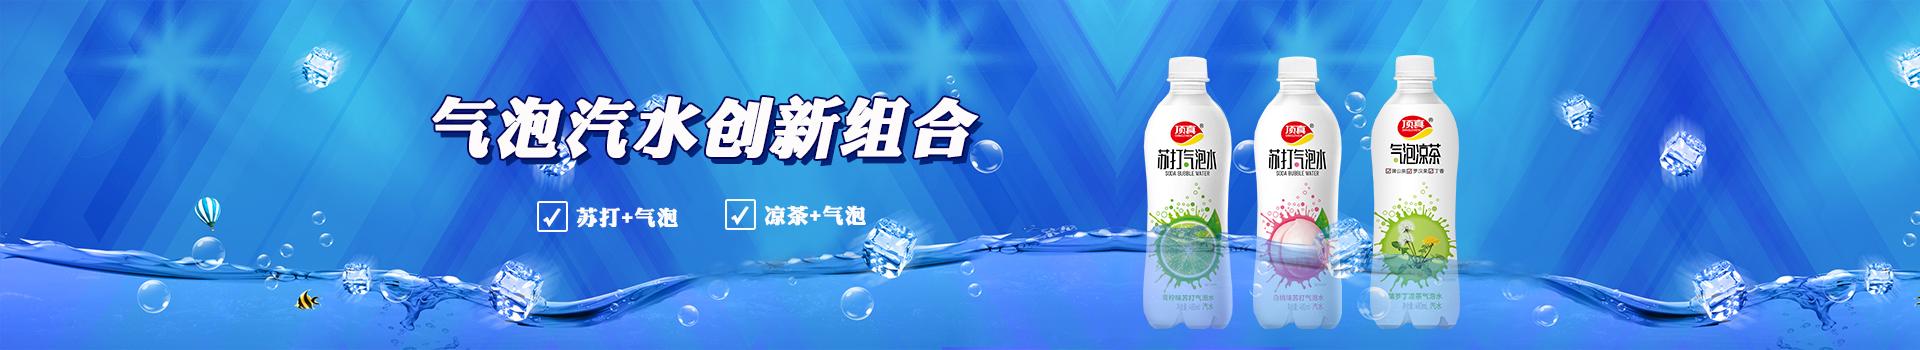 气泡水广告